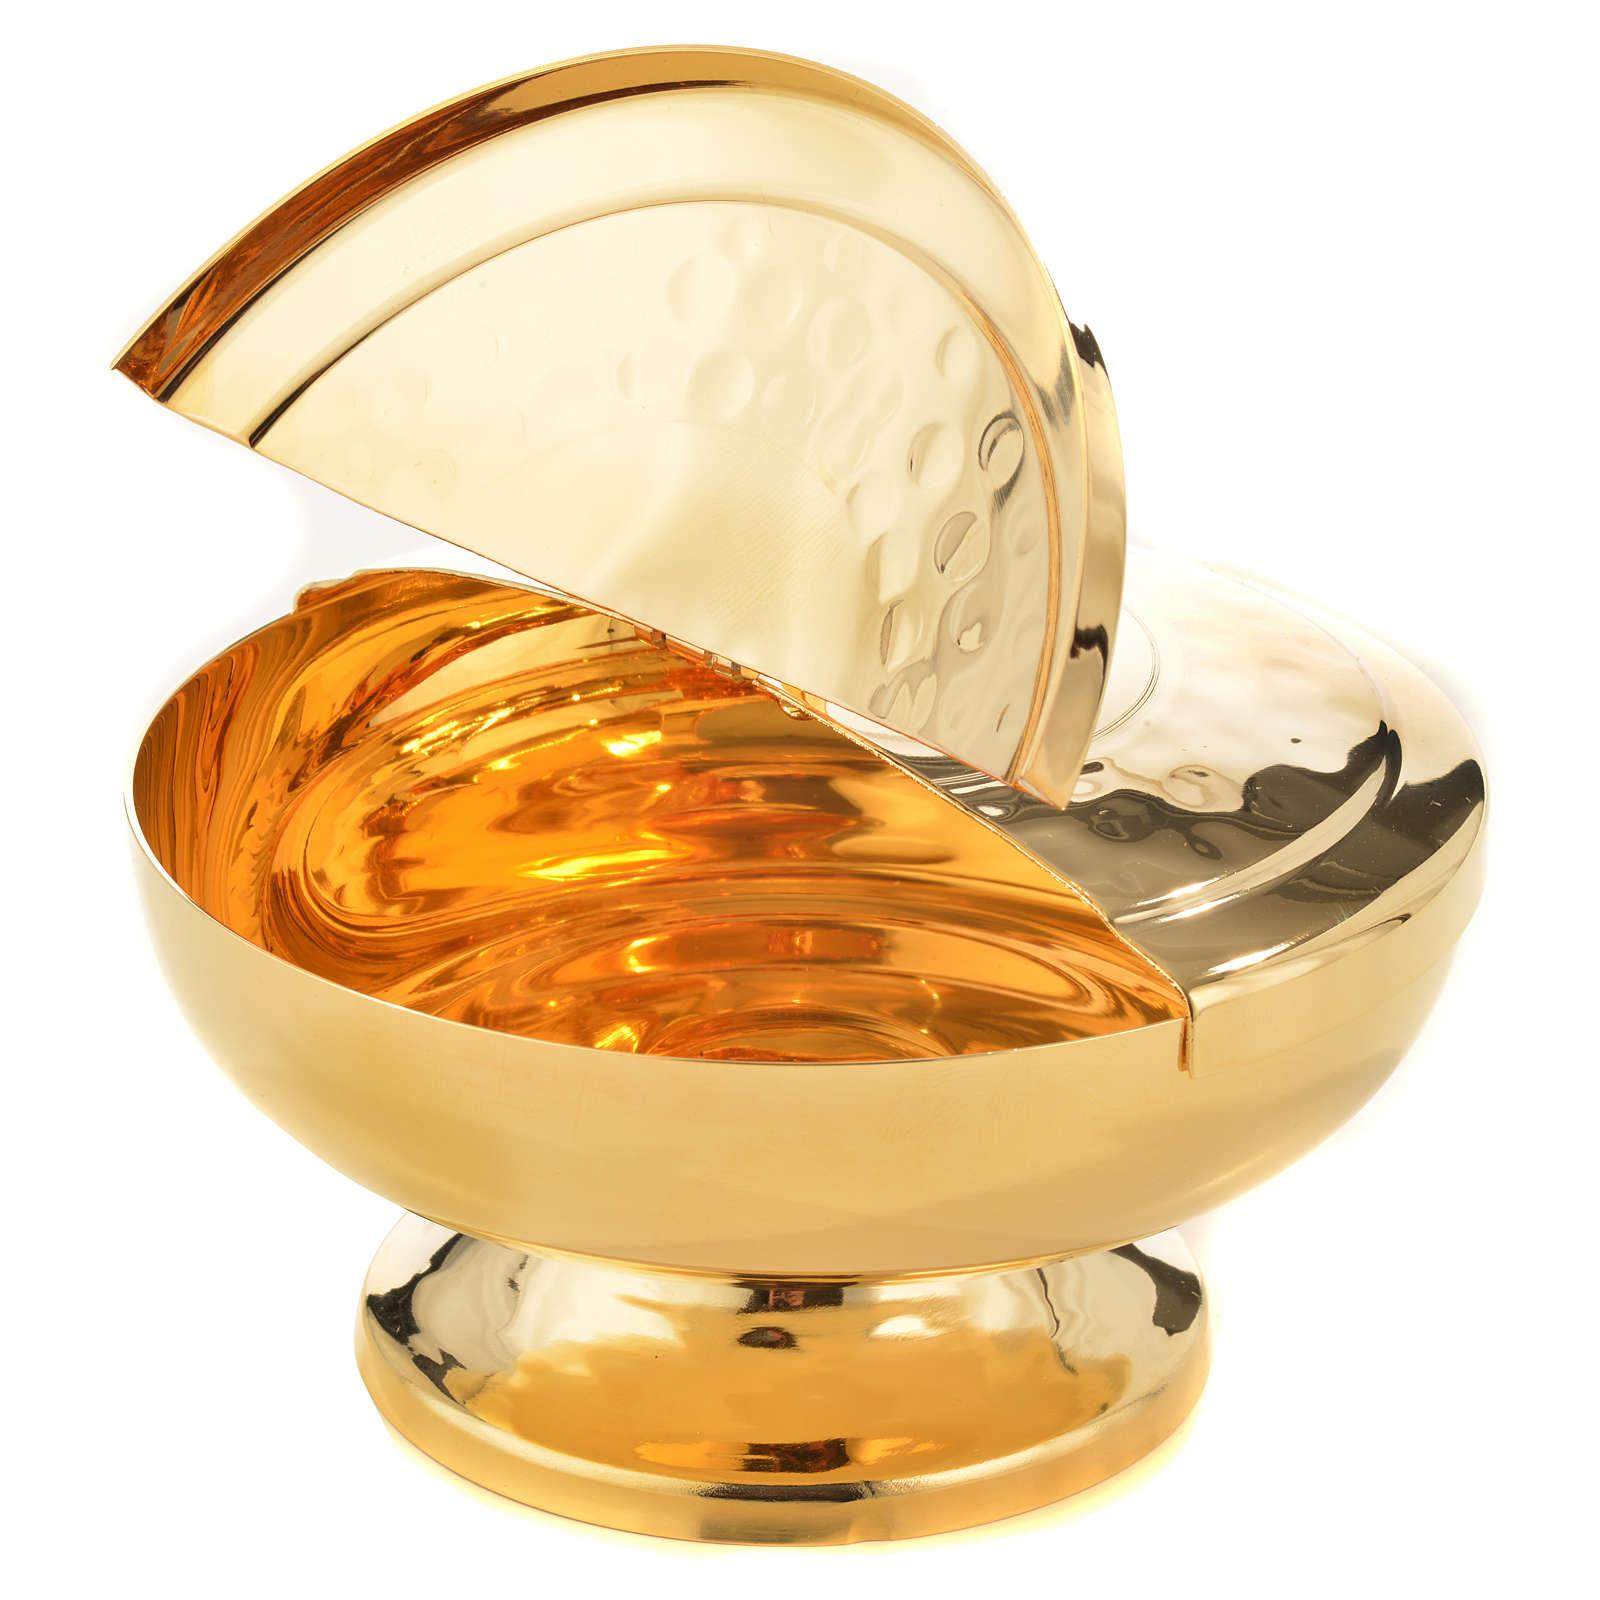 Pisside ottone dorato coperchio apribile 4